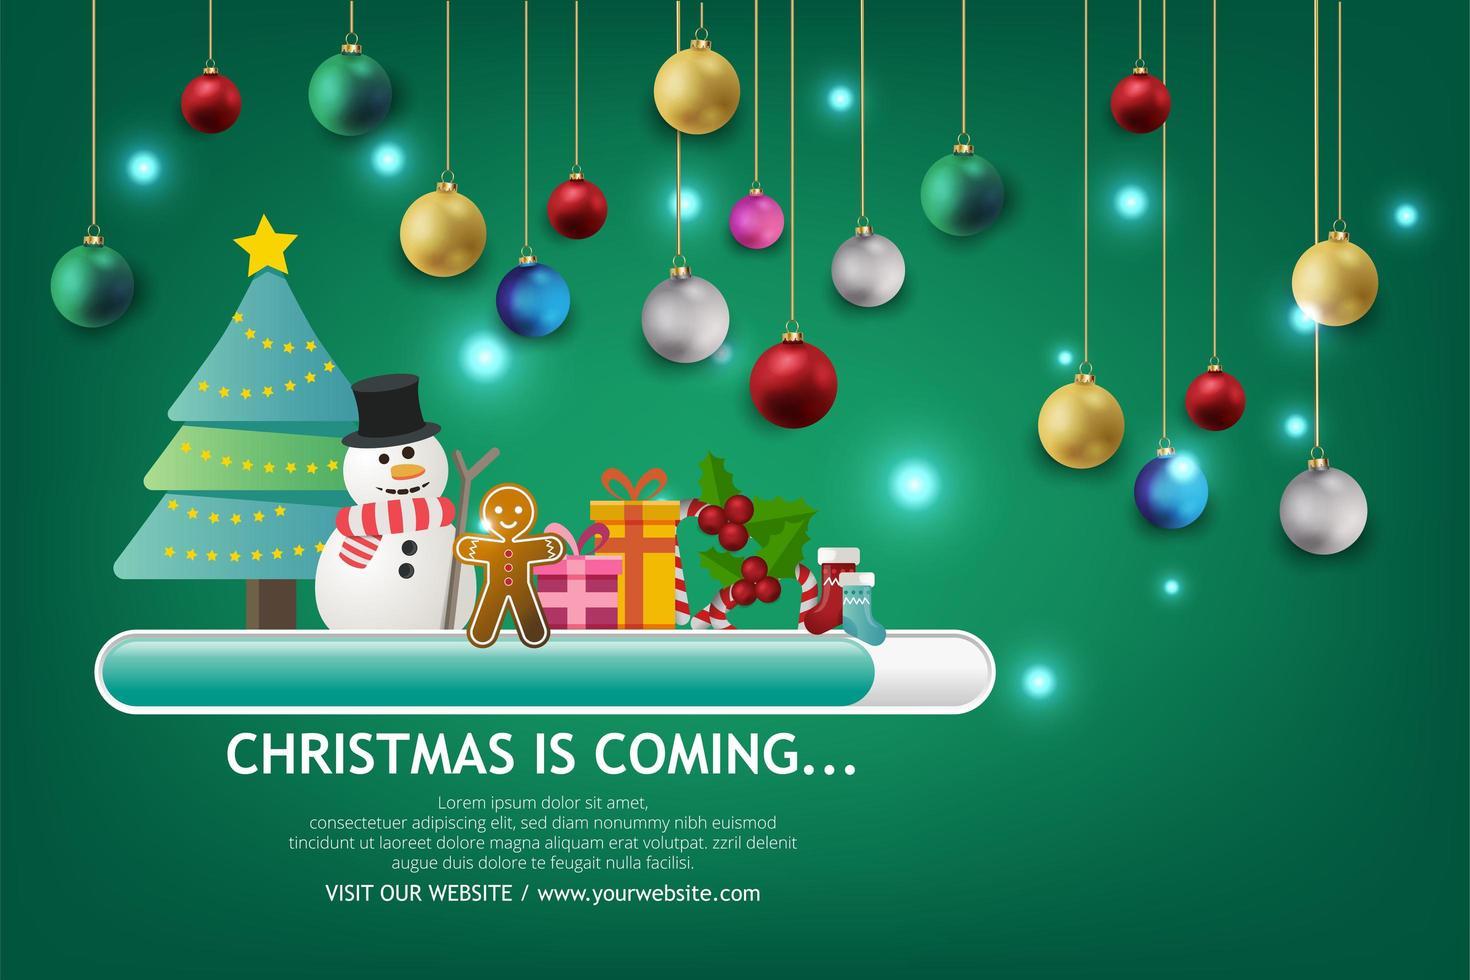 bannière de vente de Noël sur fond vert. texte joyeux Noël boutique maintenant. vecteur